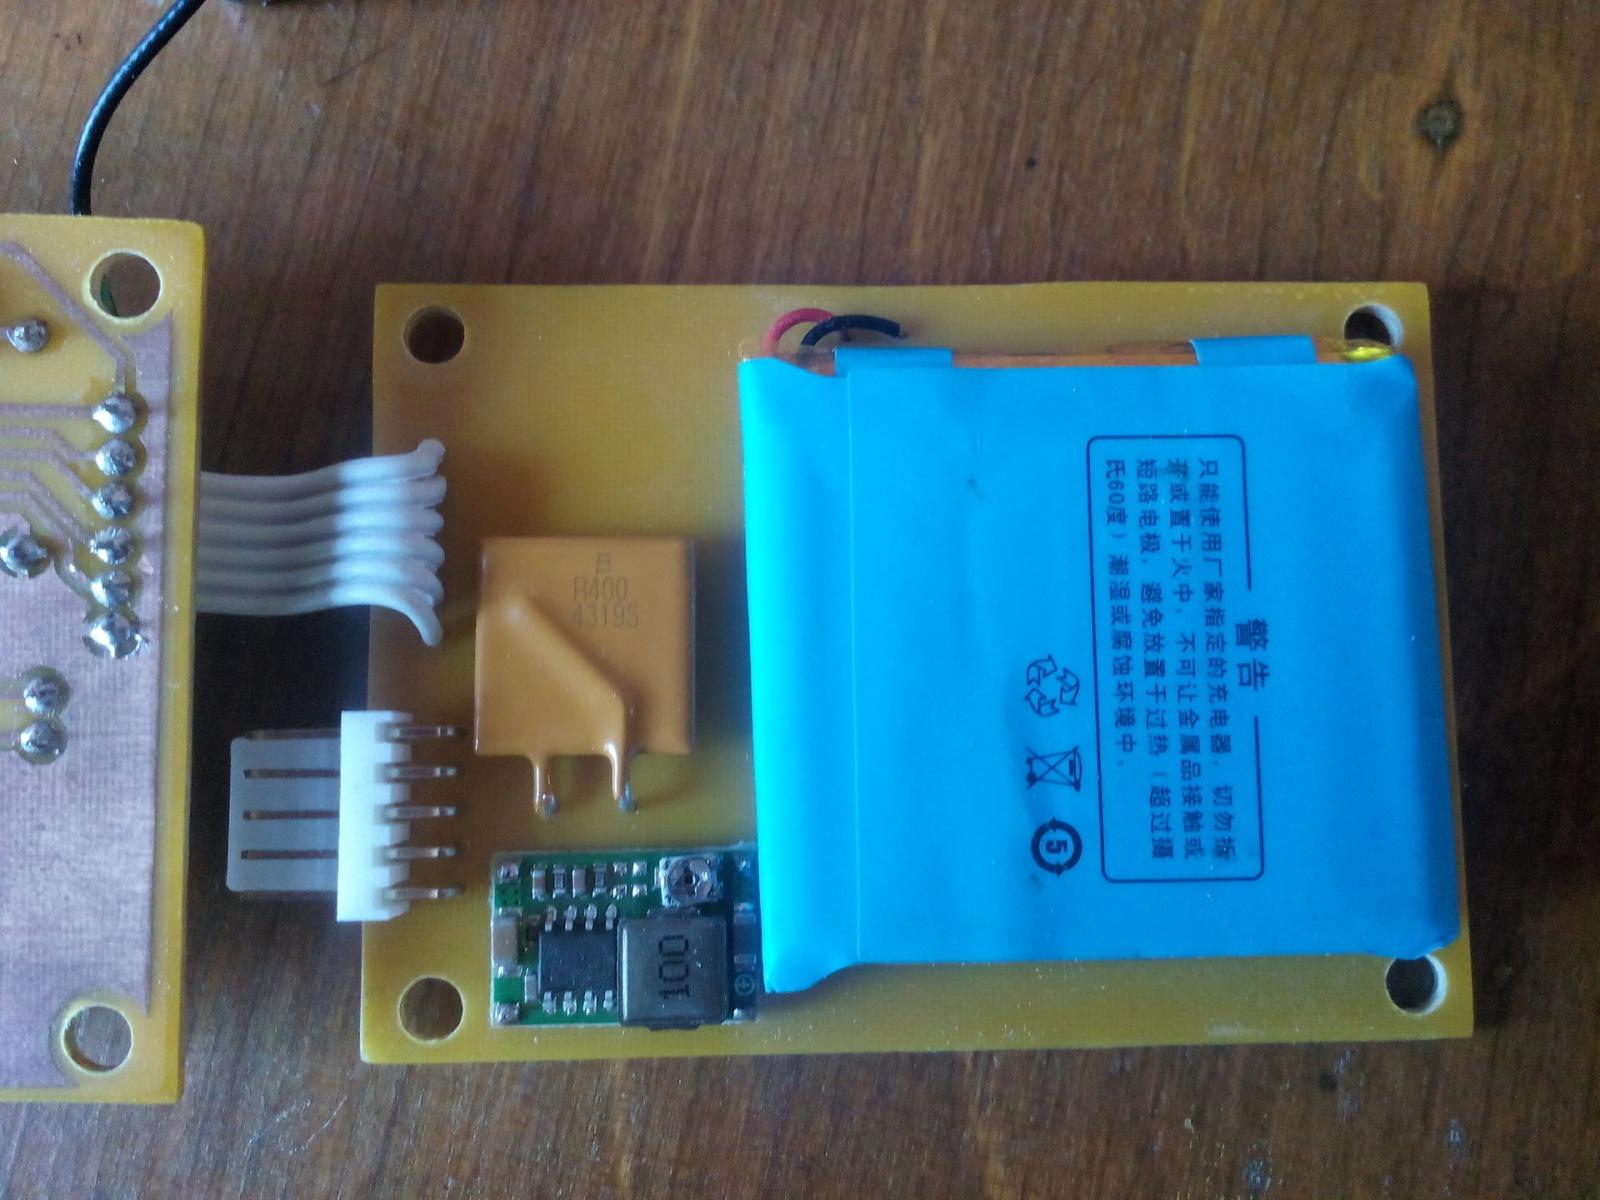 GPS трекер для автомобиля своими руками - 9